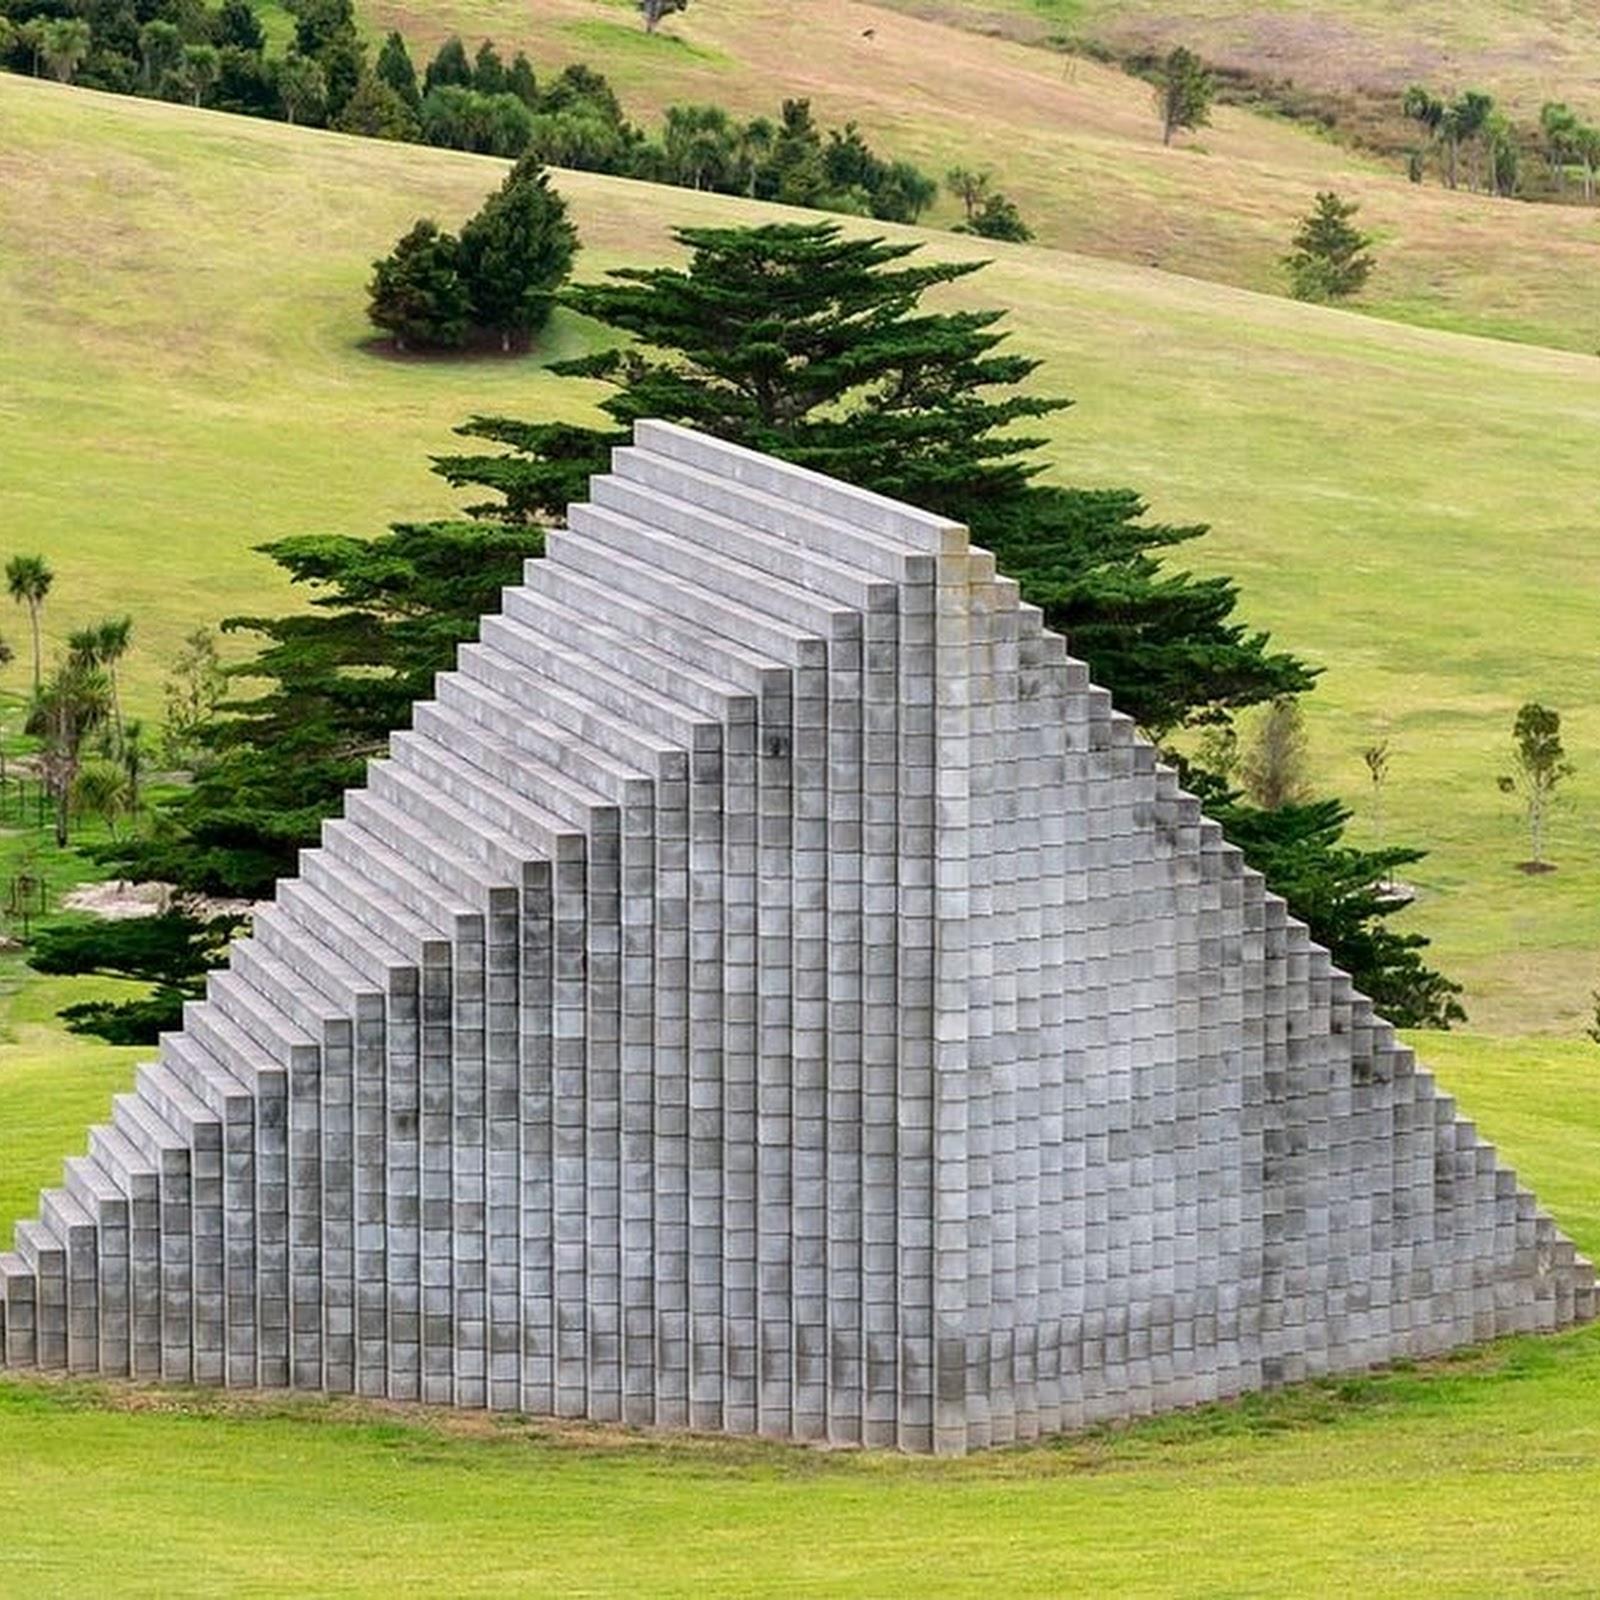 The Gibbs Farm Sculpture Park